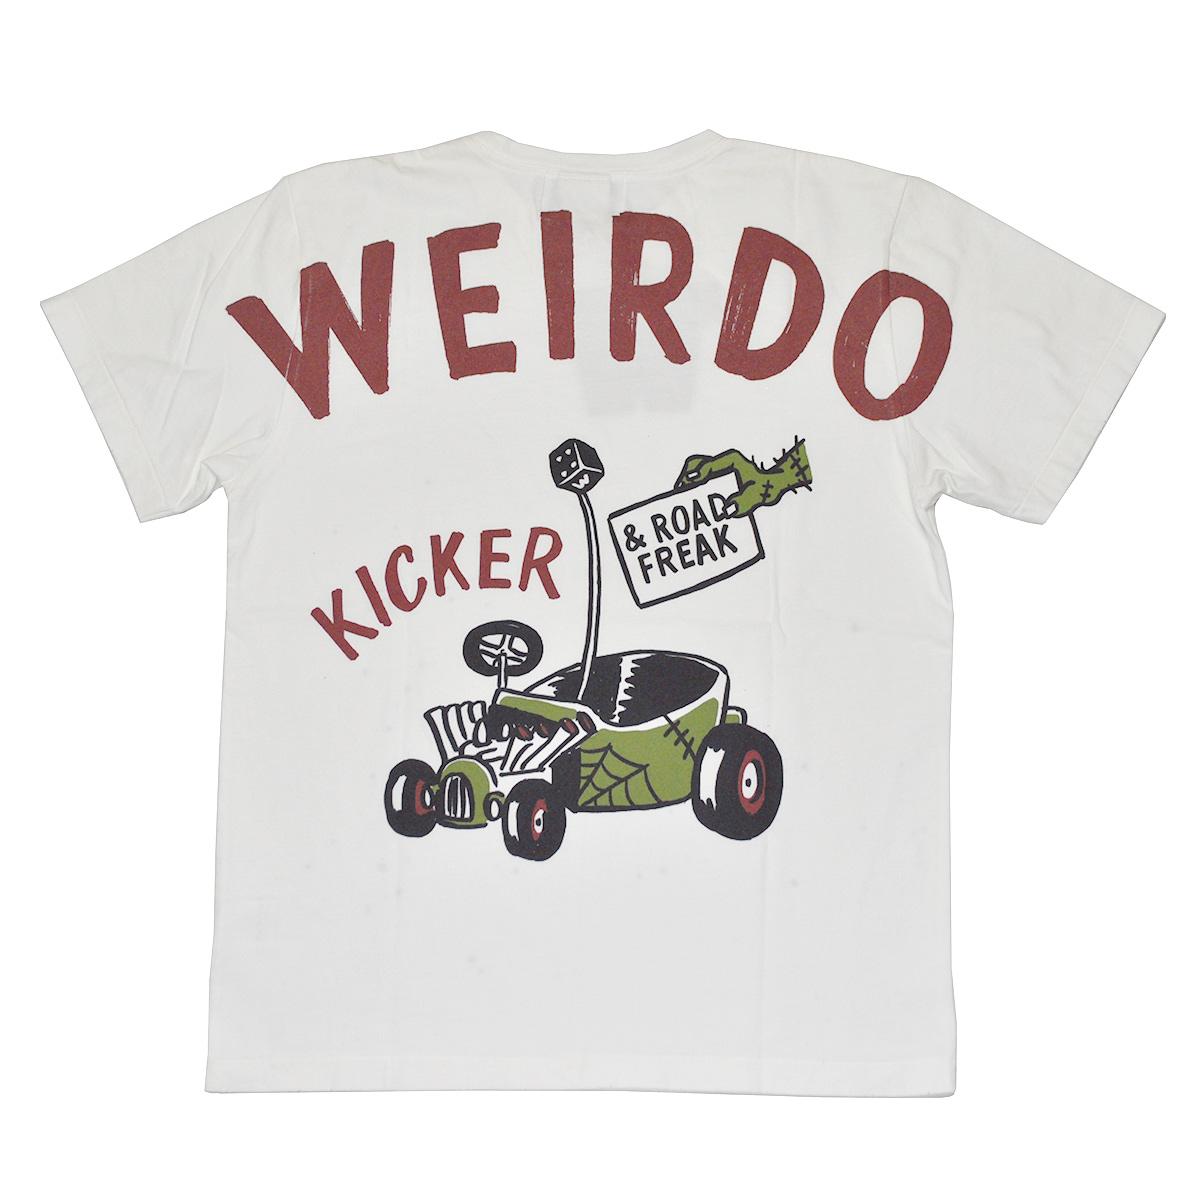 【残りSサイズのみ】WEIRDO ROAD FREAK KICKER - S/S T-SHIRTS (WHITE) ウィアード ユーズド ビンテージ加工 Tシャツ/GLADHAND/グラッドハンド/GANGSTERVILLE/ギャングスタービル/OLD CROW/オールドクロウ